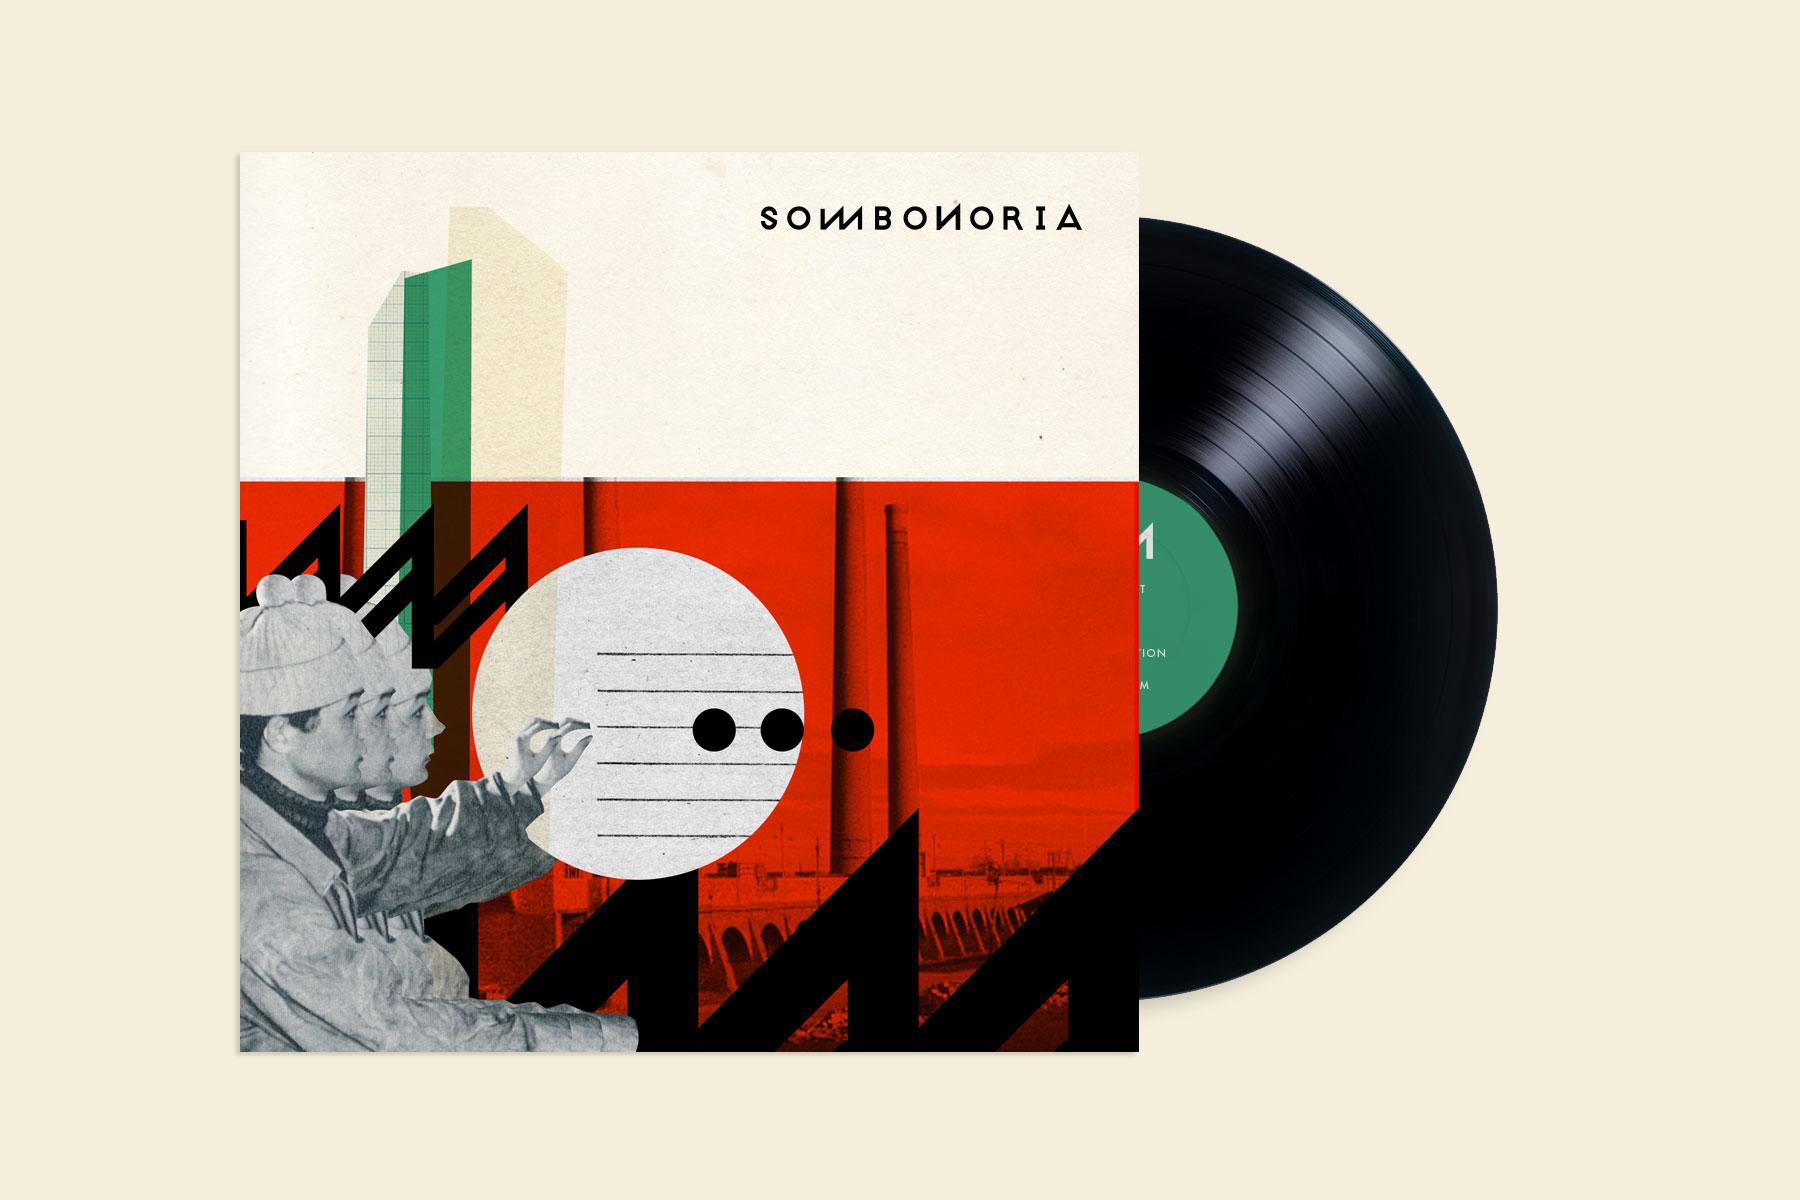 sombonoria_ok02